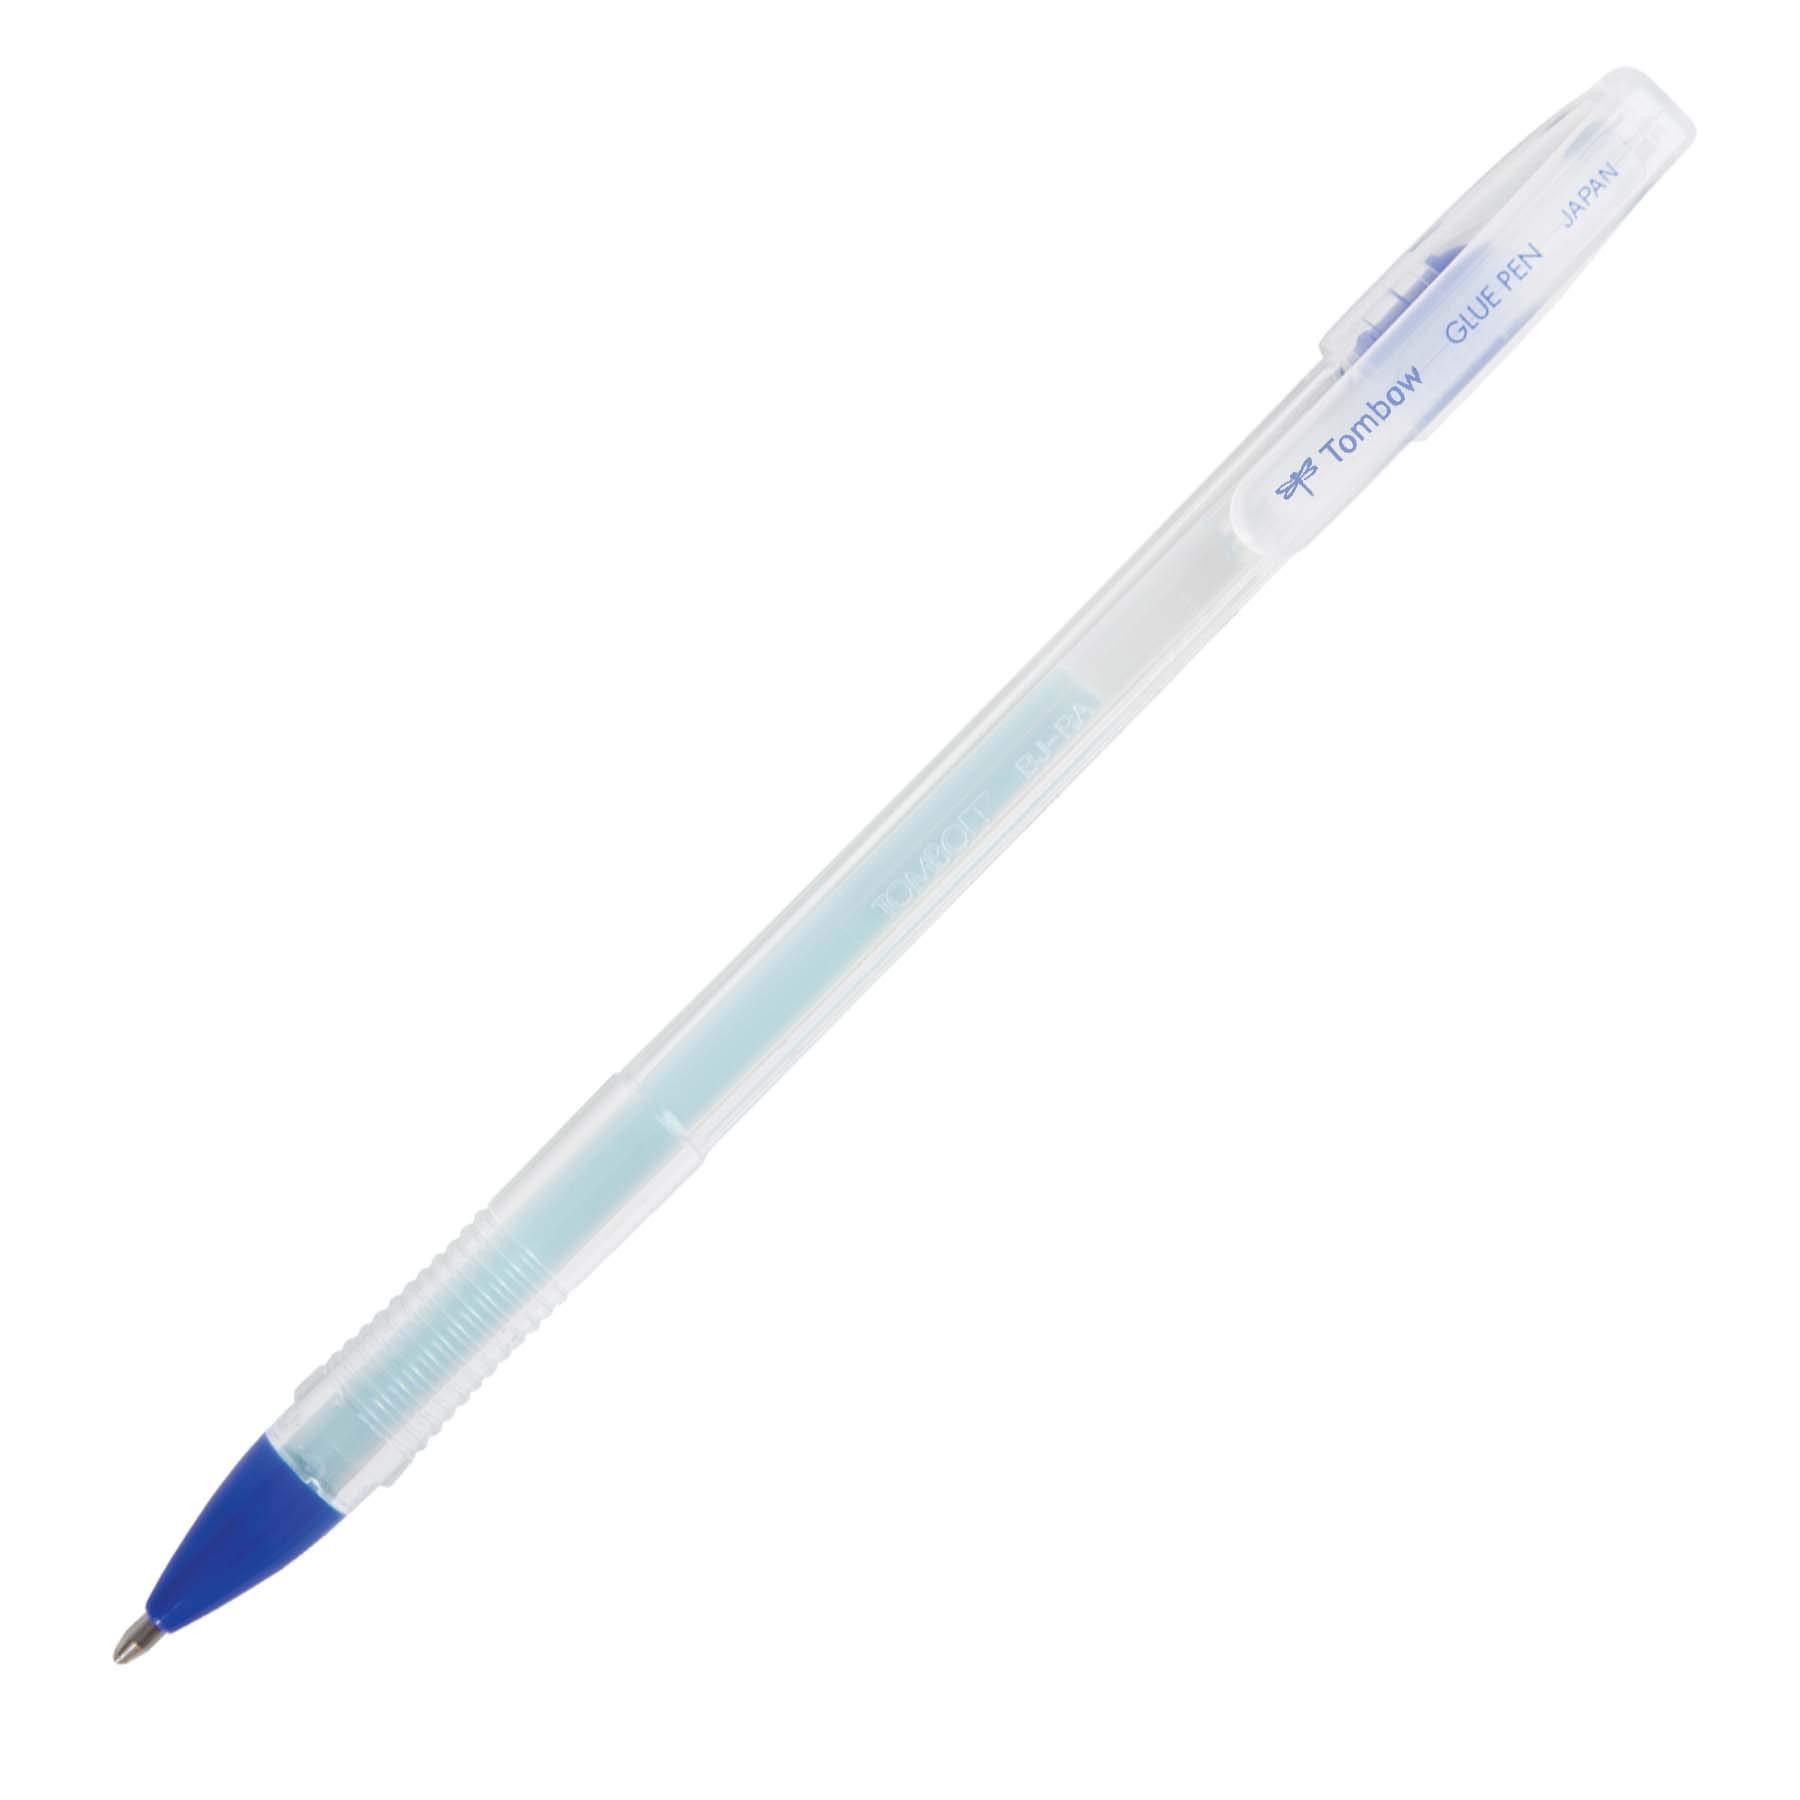 Tombow 62175 Glue Pen (1 Piece), Multicolor